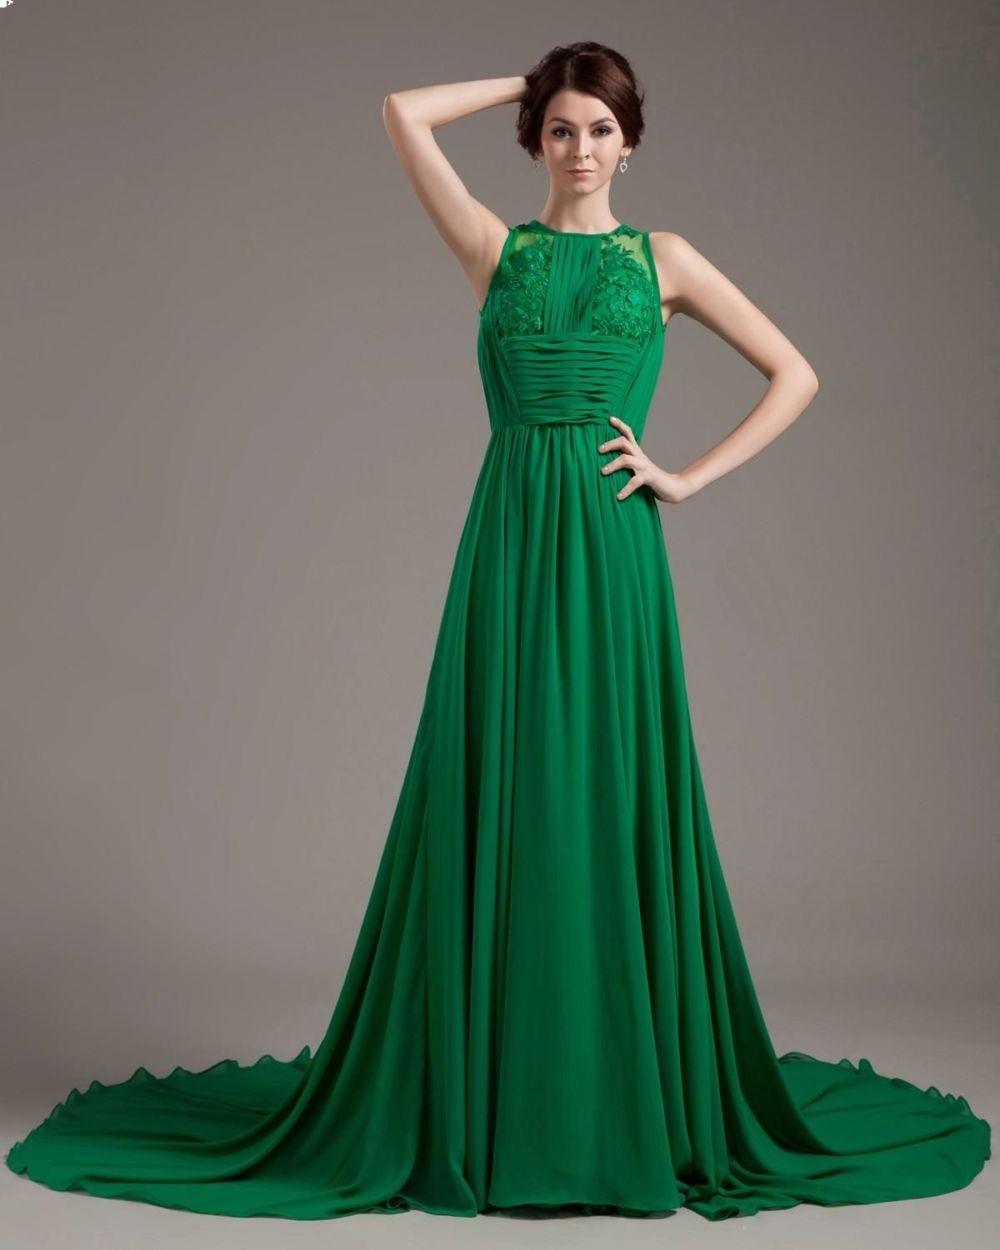 Что одеть на новогодний корпоратив 2019 фото: платье зеленое в пол без рукава